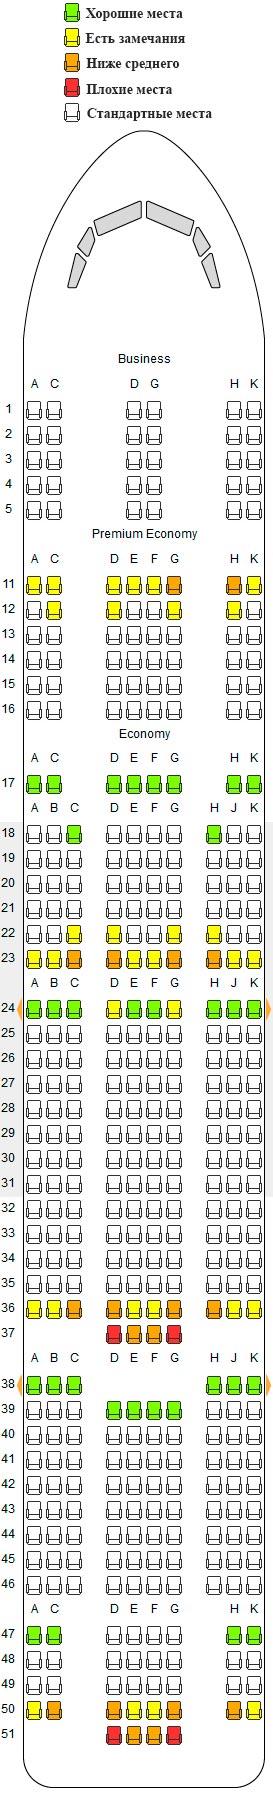 Боинг 777-300er схема салона лучшие места